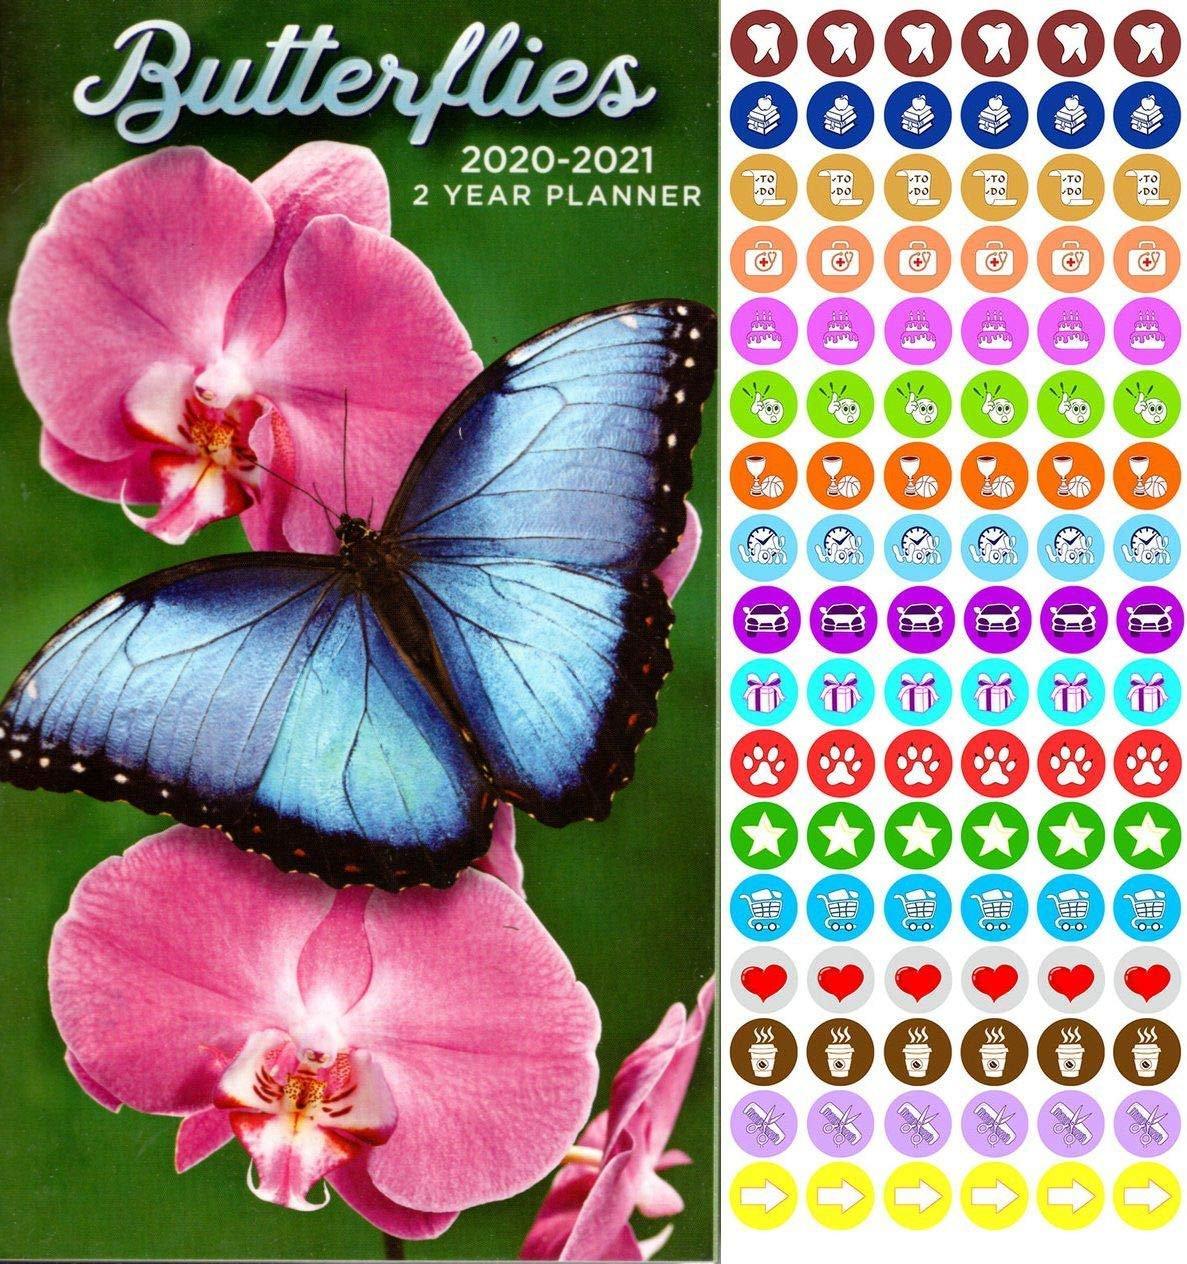 Butterflies - 2020-2021 2 Year Pocket Planner/Calendar/Organizer